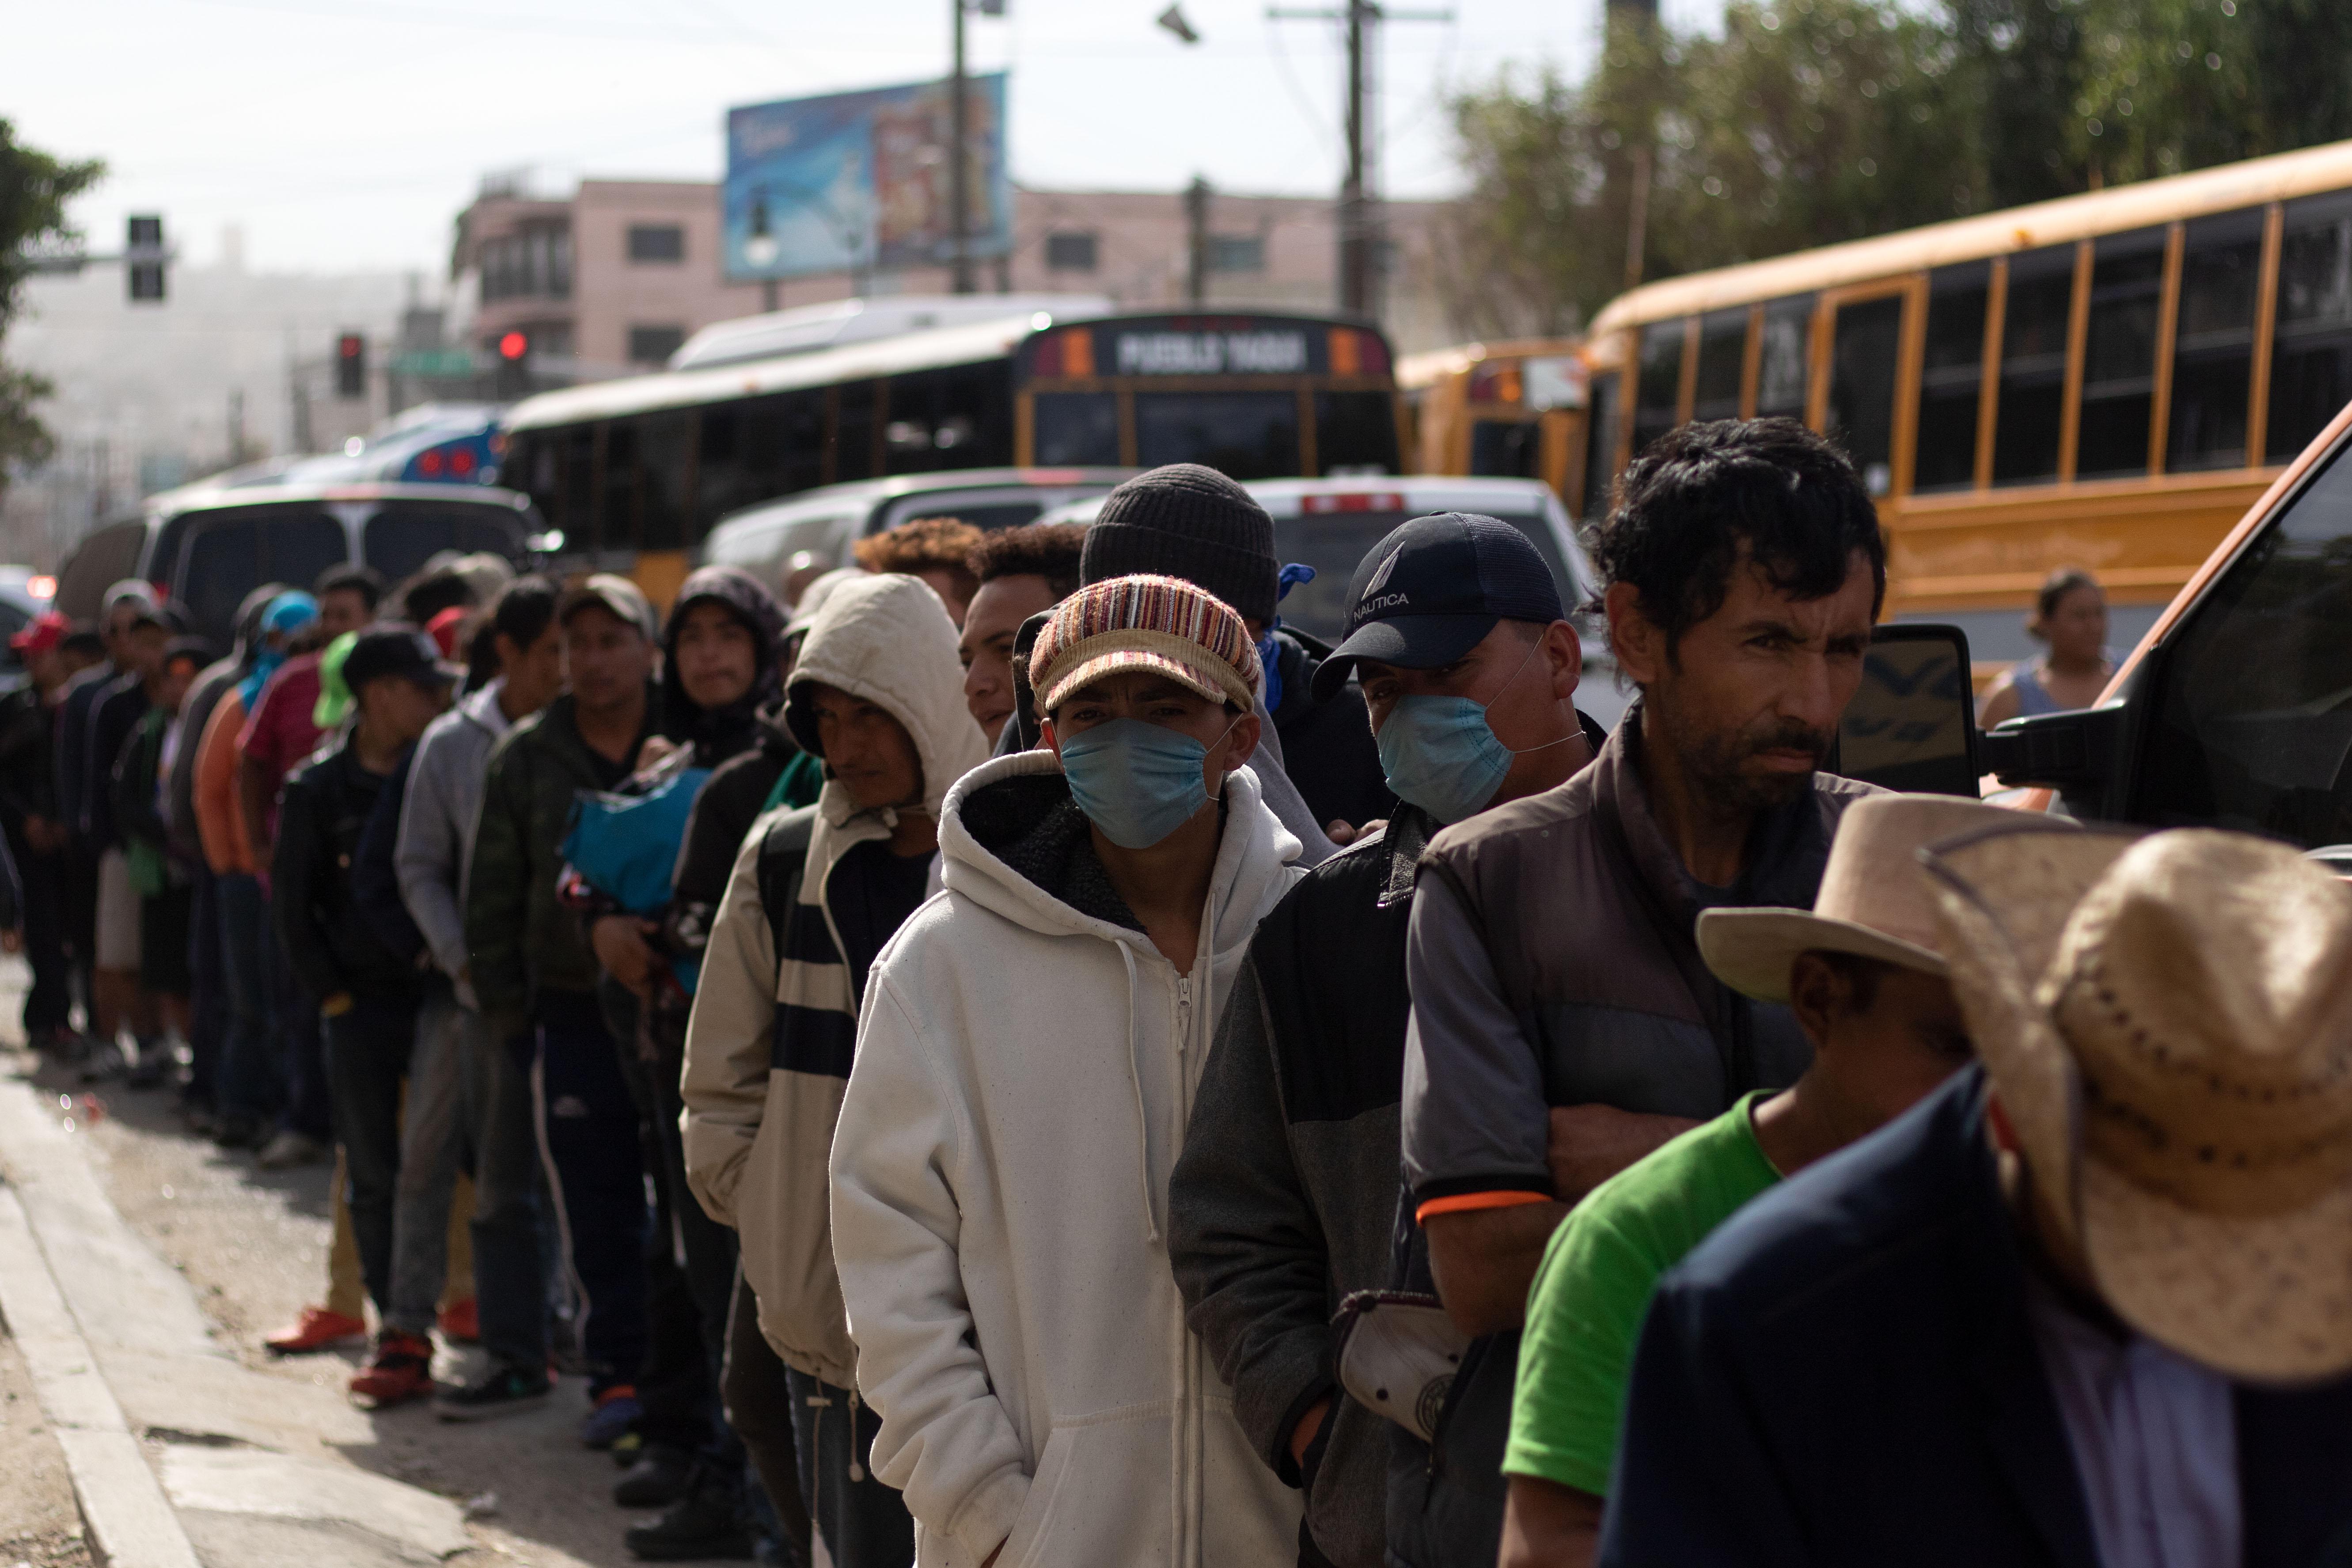 """USA: Abschiebestopp und offene Grenzen – Experten warnen vor """"Einwanderung mit pandemischem Gesundheitsrisiko"""""""